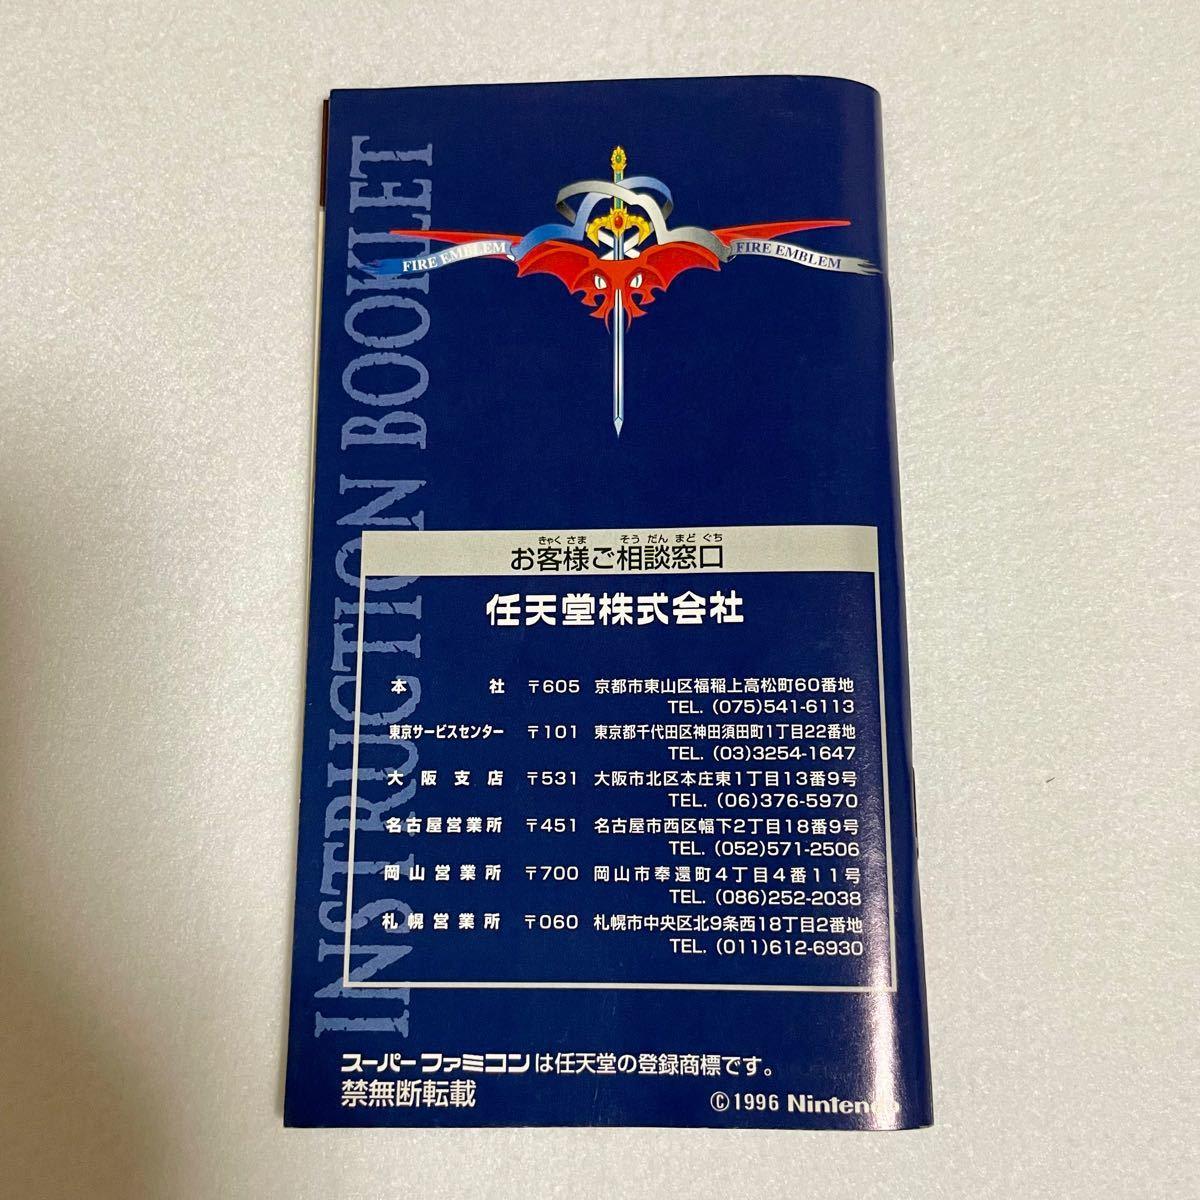 【良品】sfc ファイアーエムブレム聖戦の系譜 スーパーファミコンソフト スーパーファミコン スーファミ